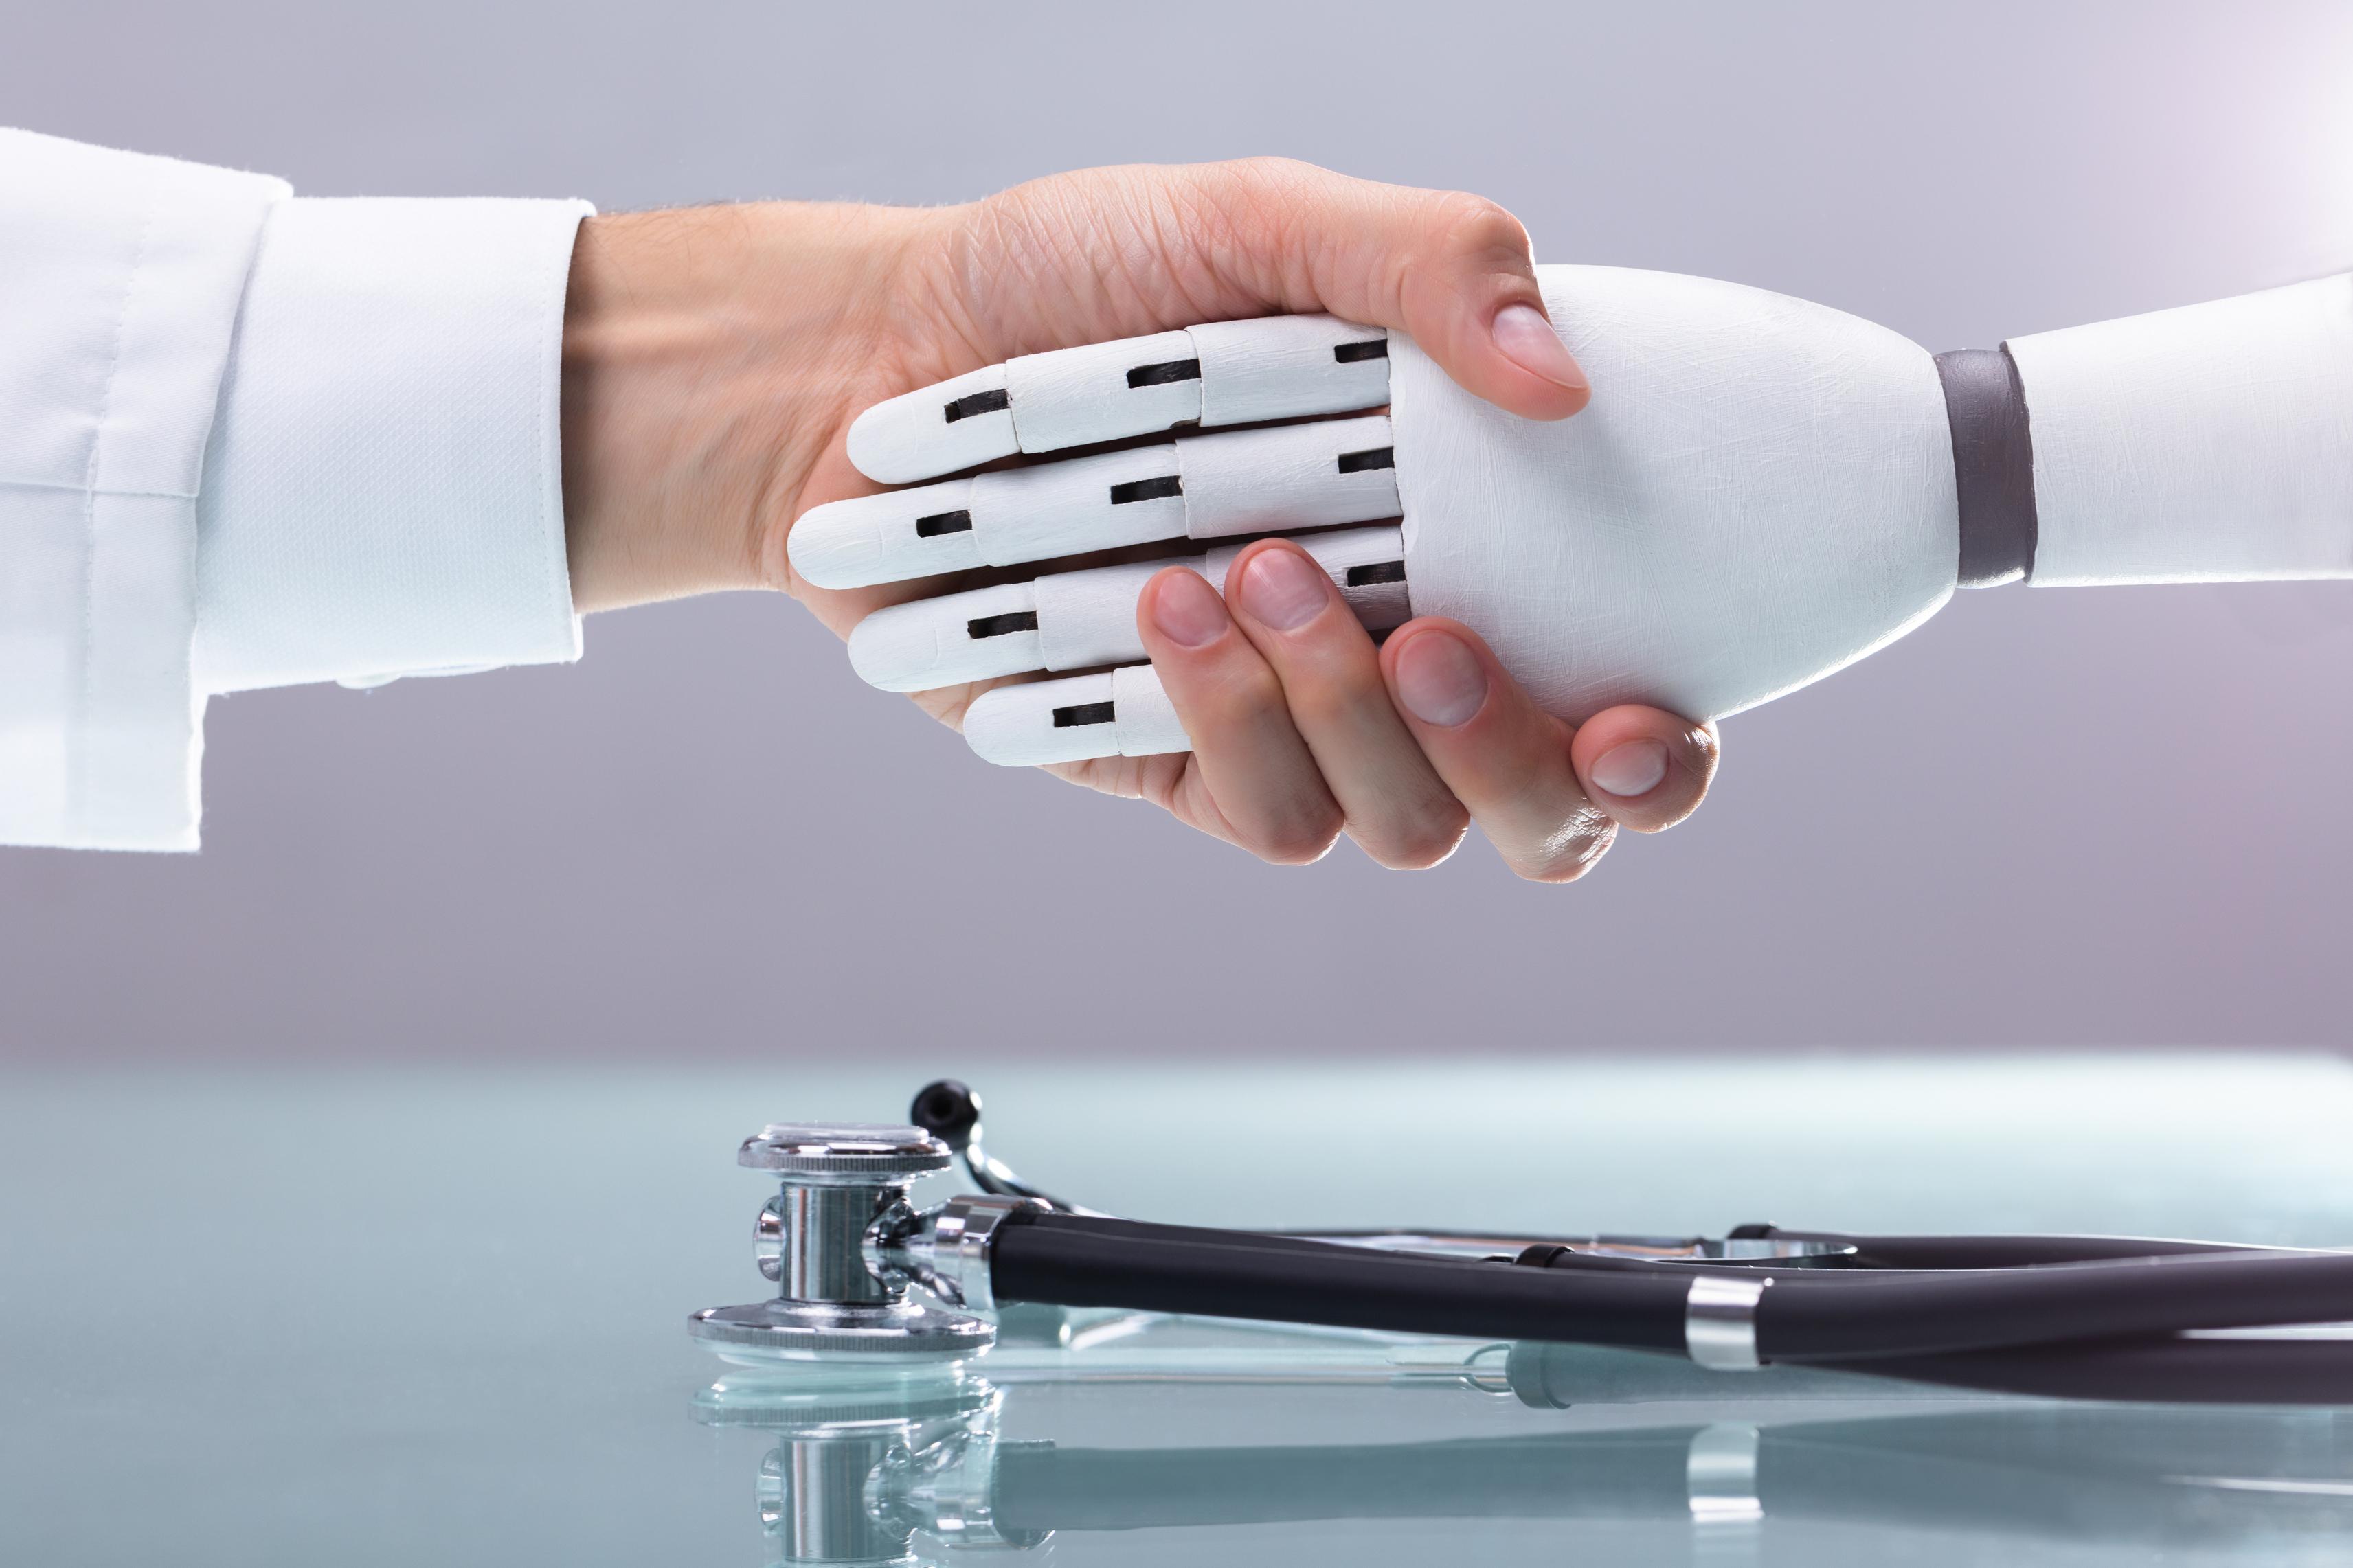 Joey è il voicebot che aiuta pazienti e operatori sanitari